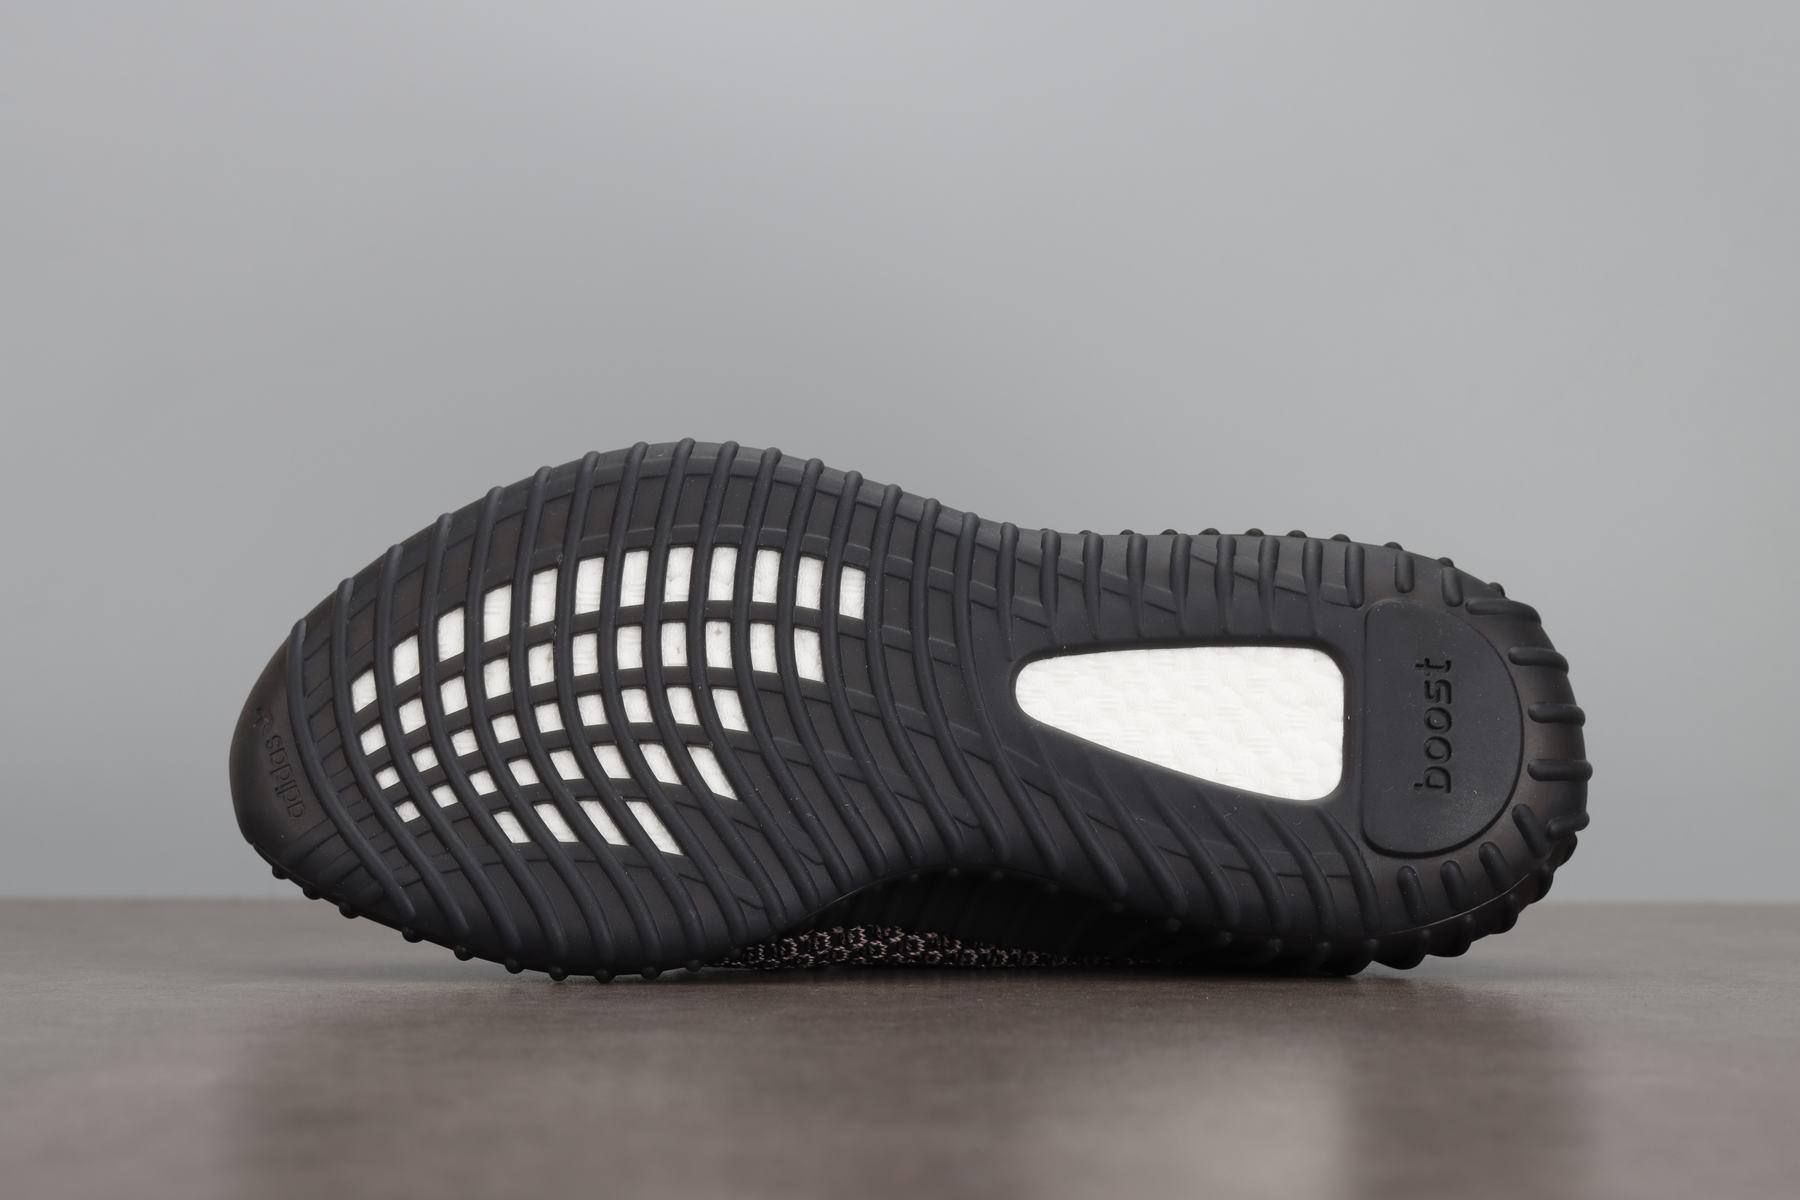 """汪版椰子 BASF Yeezy Boost 350 V2""""Yecheil""""FX4145 椰子350二代 镂空_河源裸鞋正品对比"""